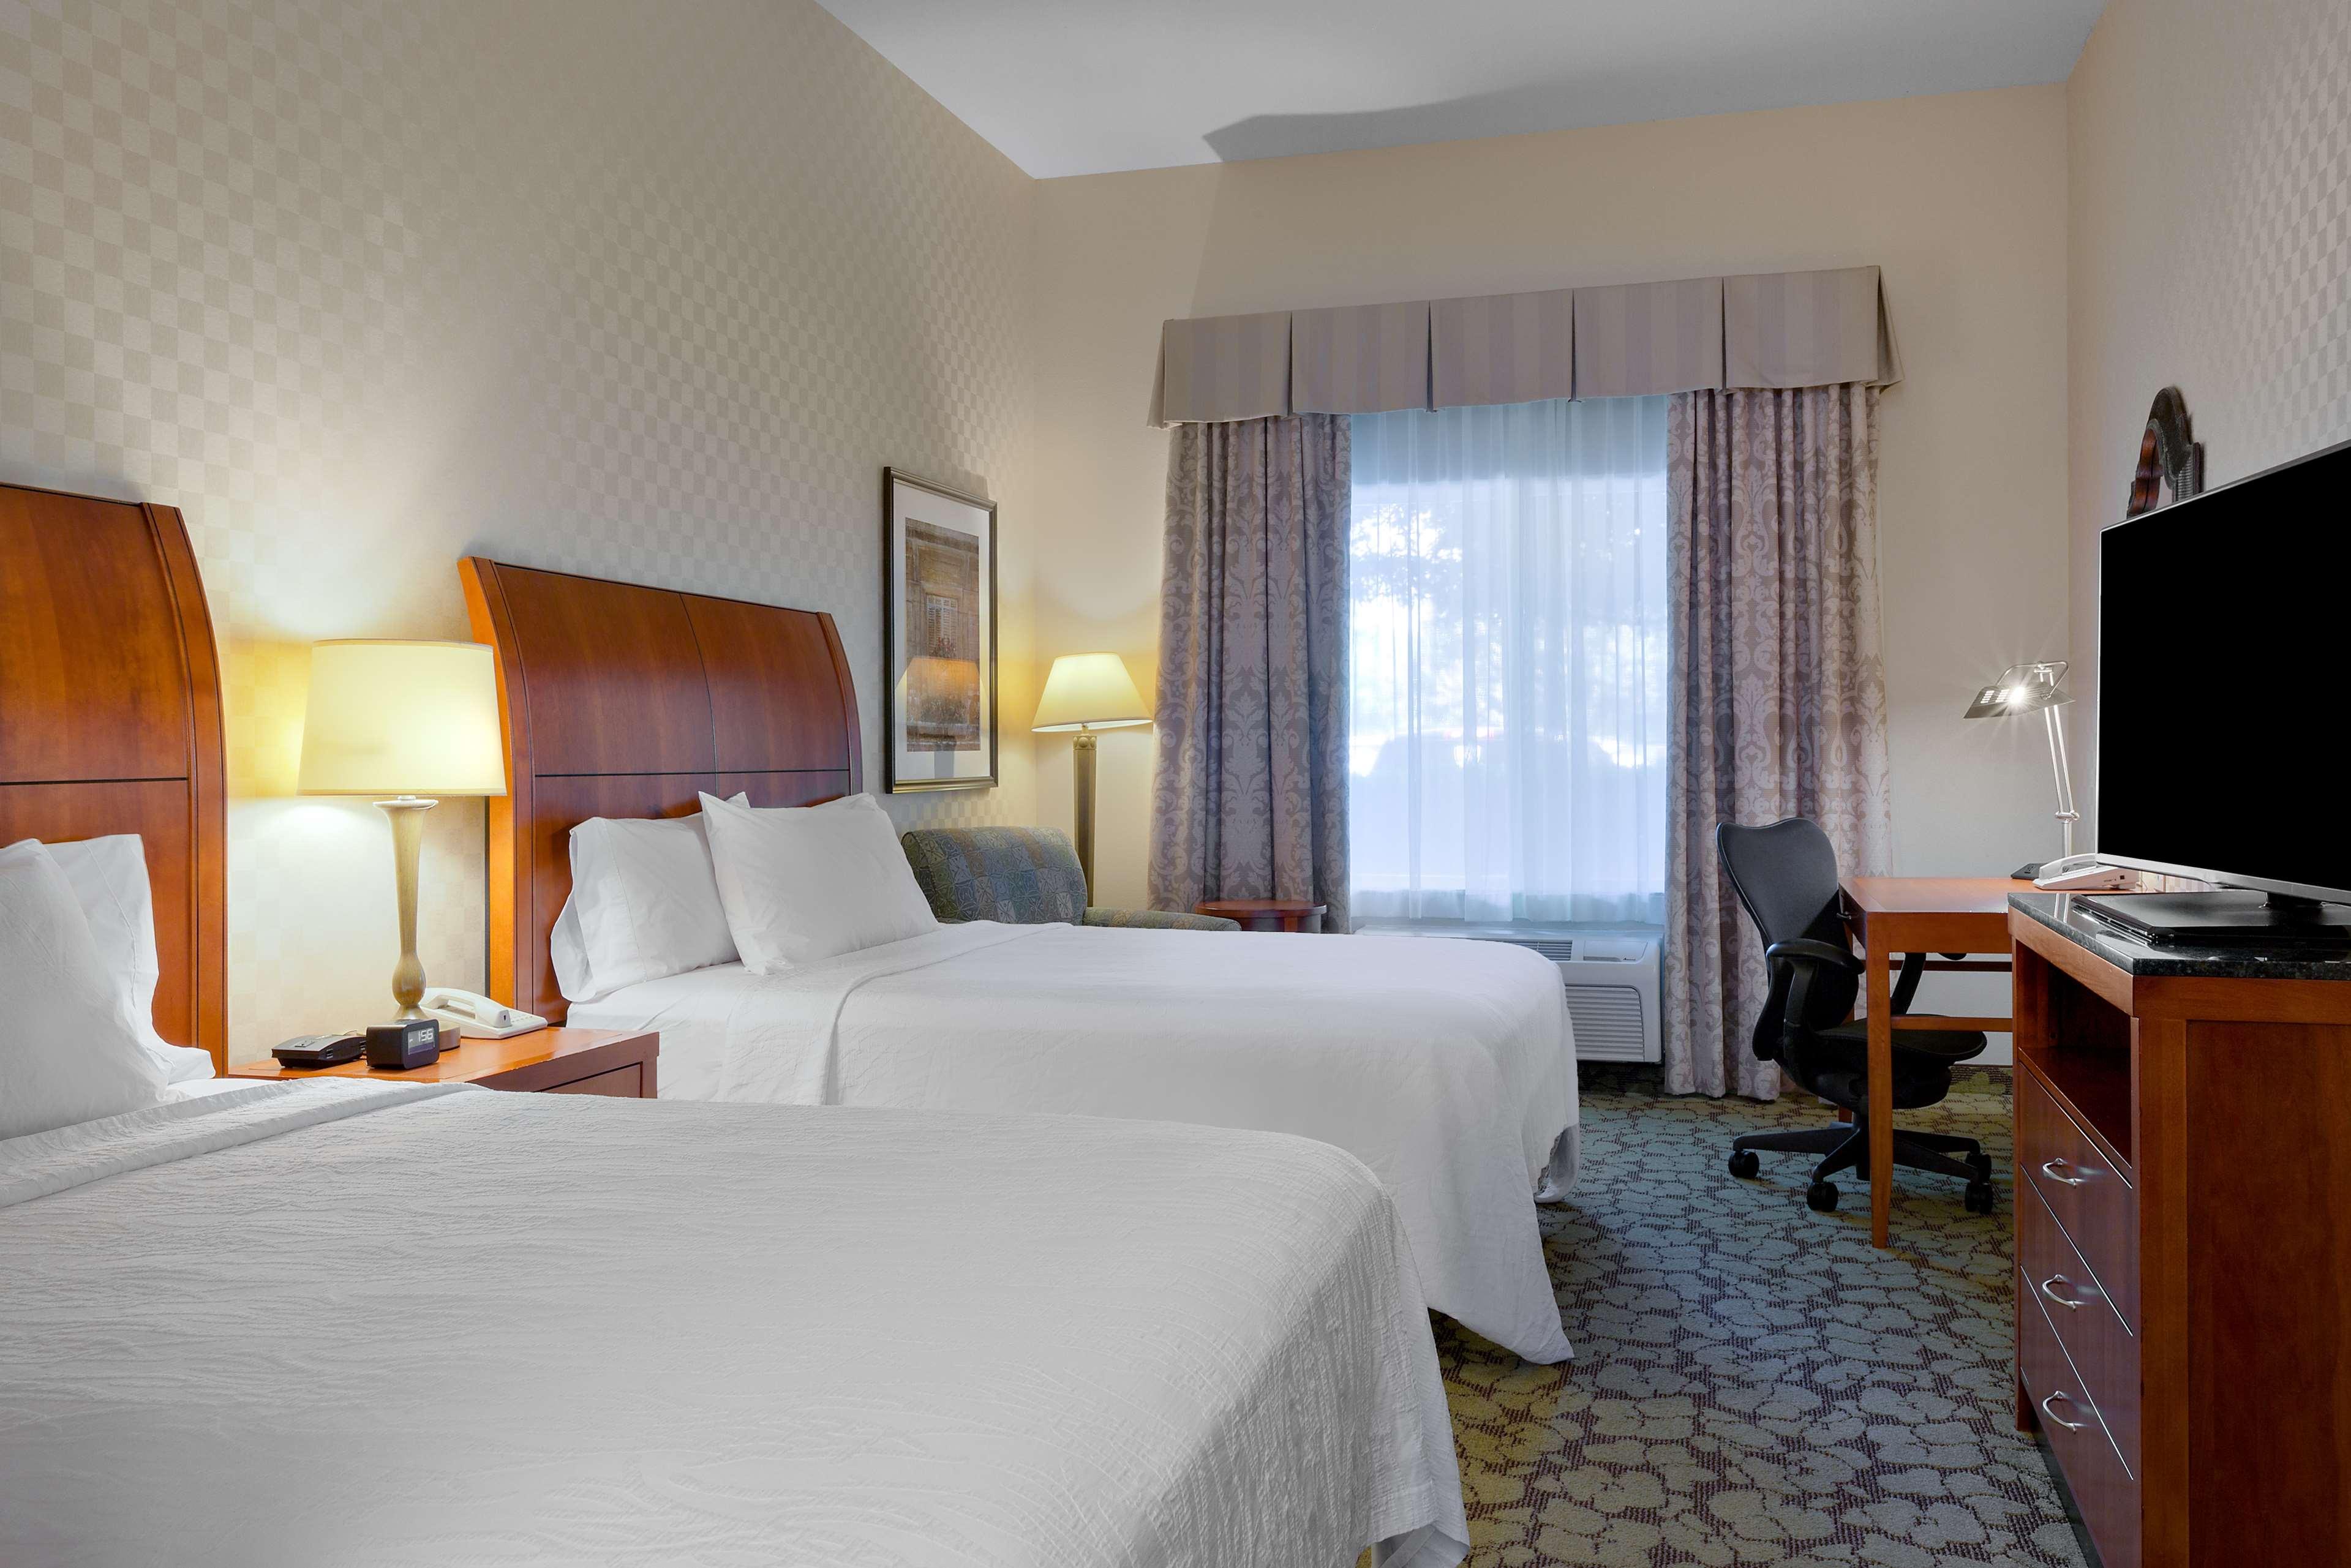 Hilton Garden Inn Sacramento Elk Grove image 22